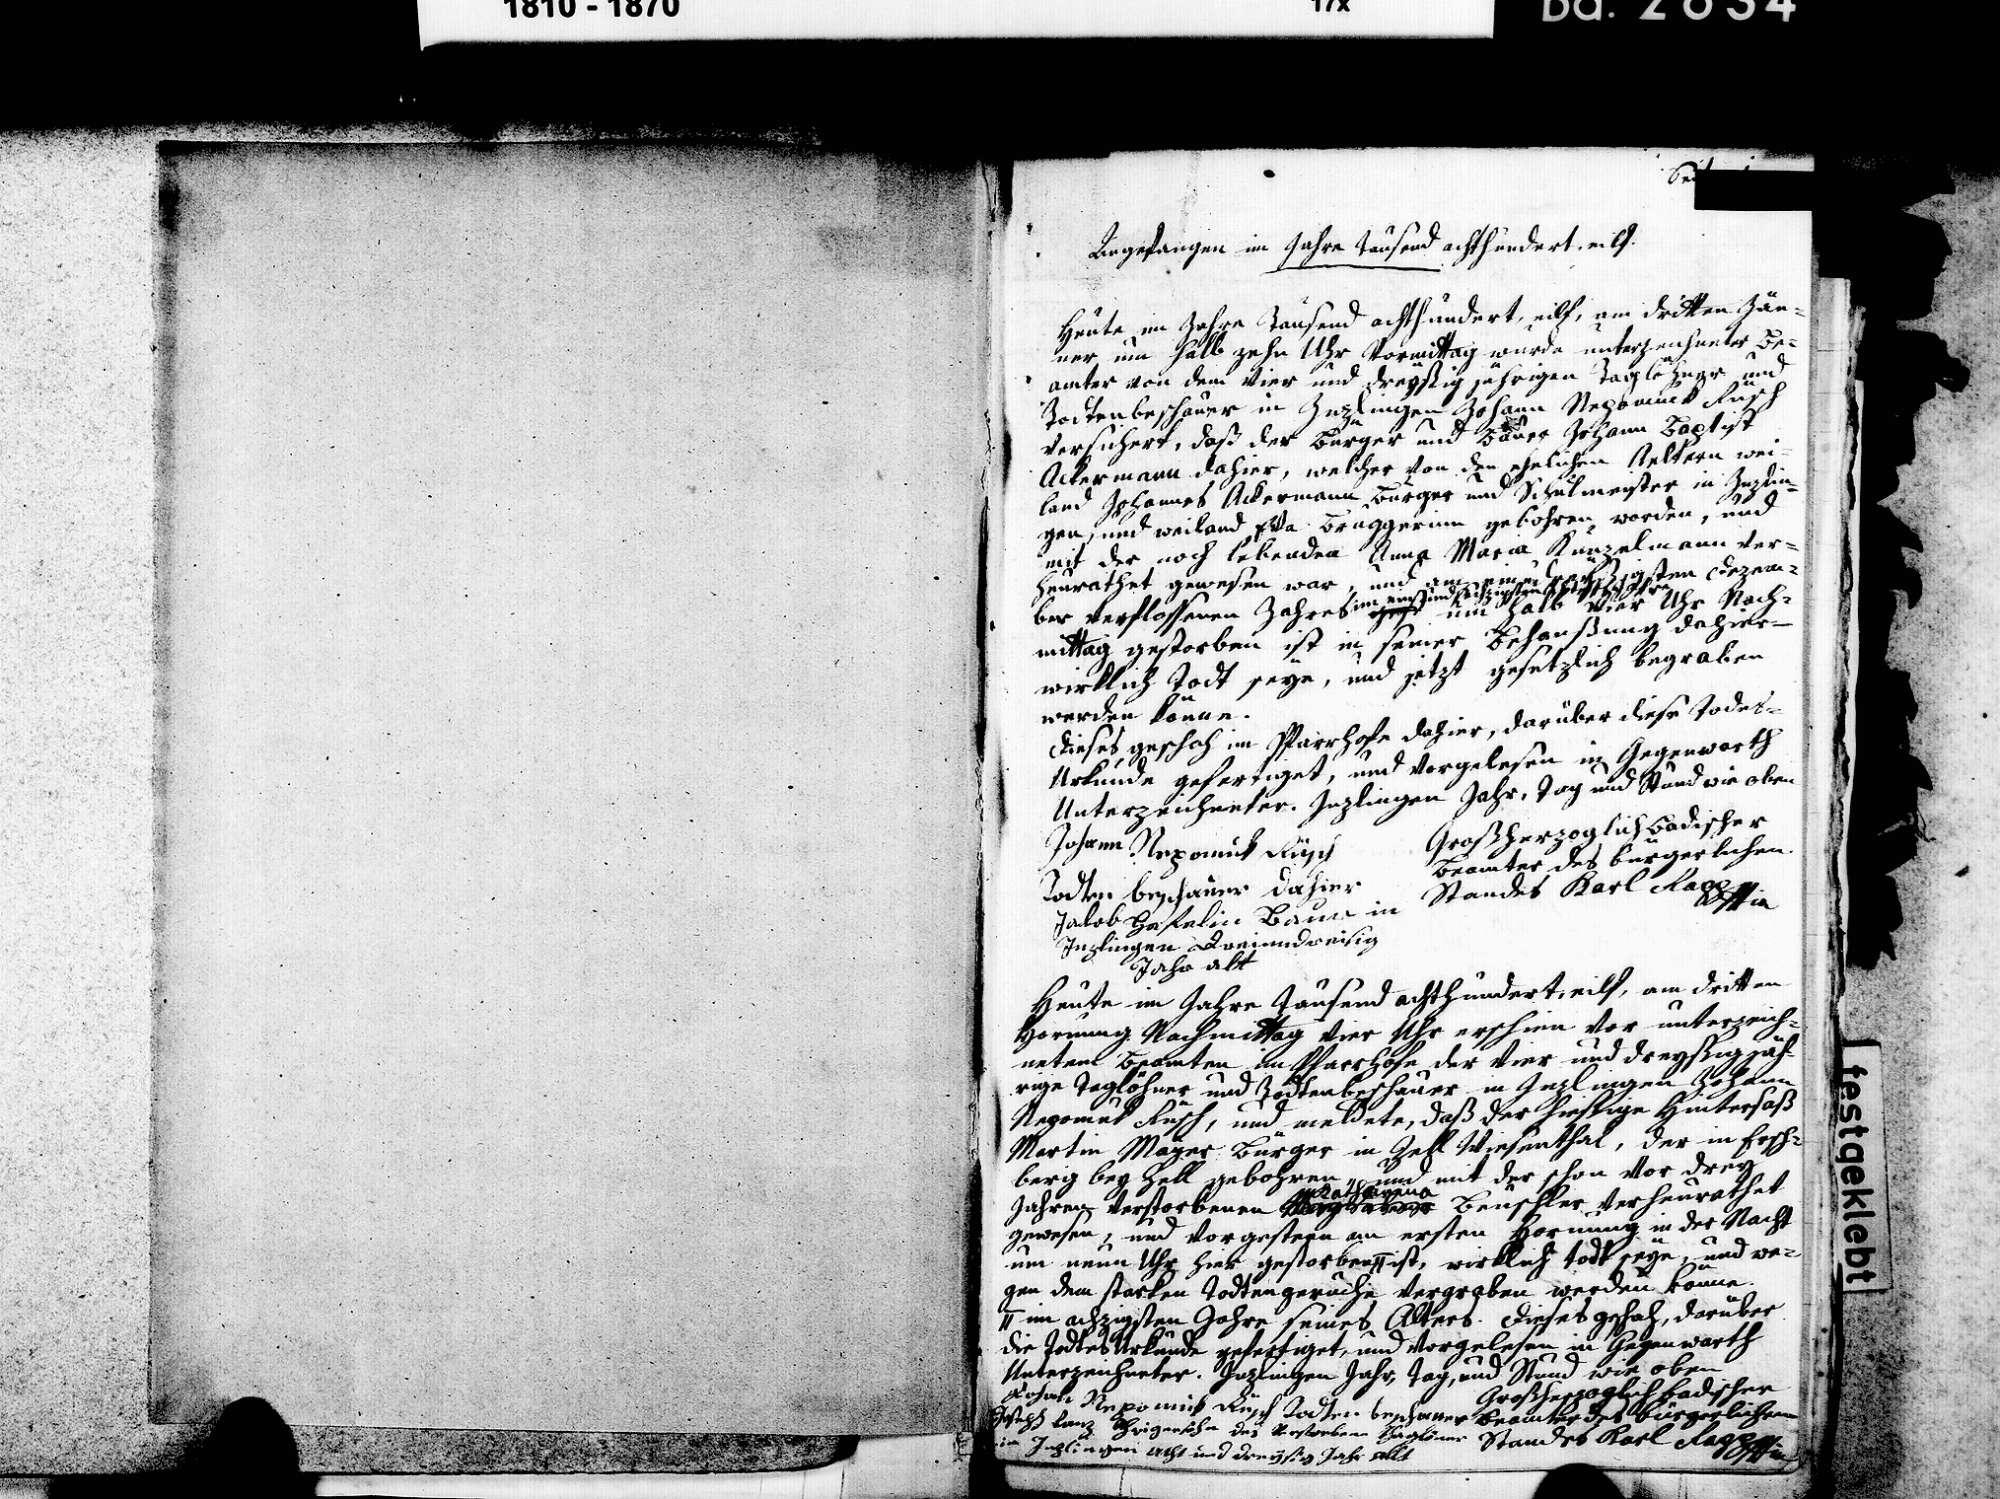 Inzlingen LÖ; Katholische Gemeinde: Sterbebuch 1811-1846 Inzlingen LÖ; Katholische Gemeinde: Heiratsbuch 1843, Bild 3